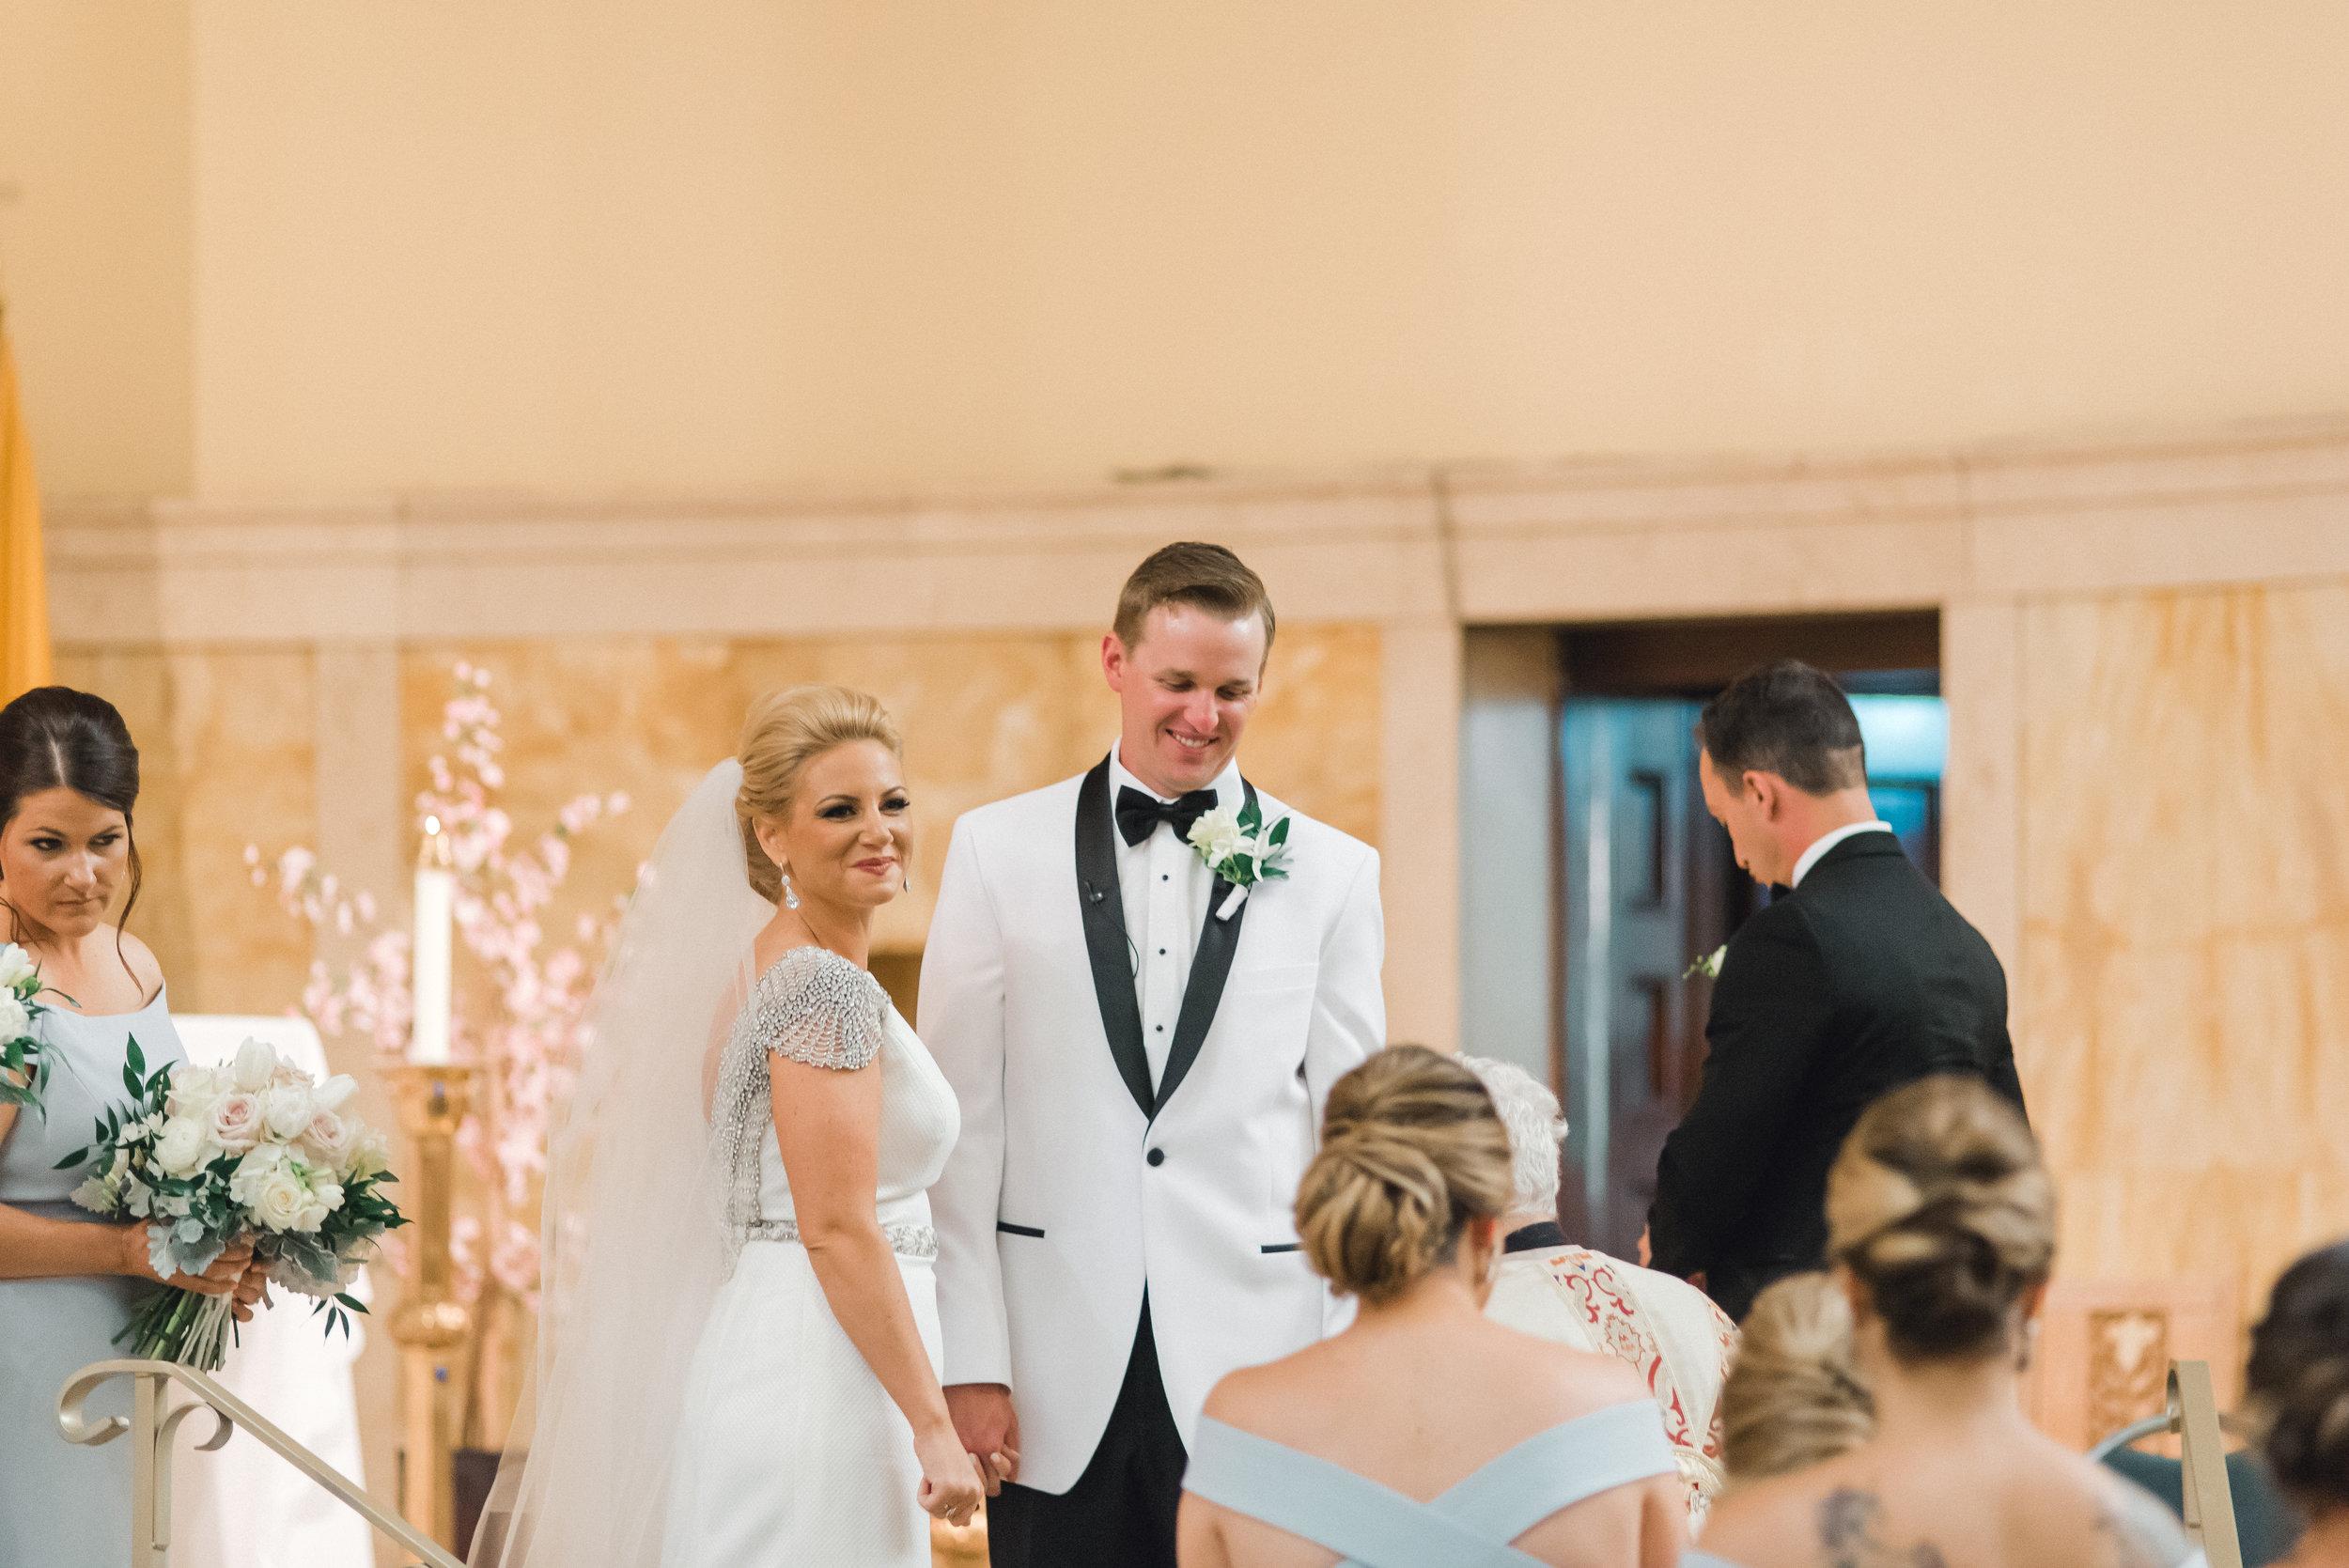 omni-william-penn-wedding-classic-chic-modern-photography-0020.jpg